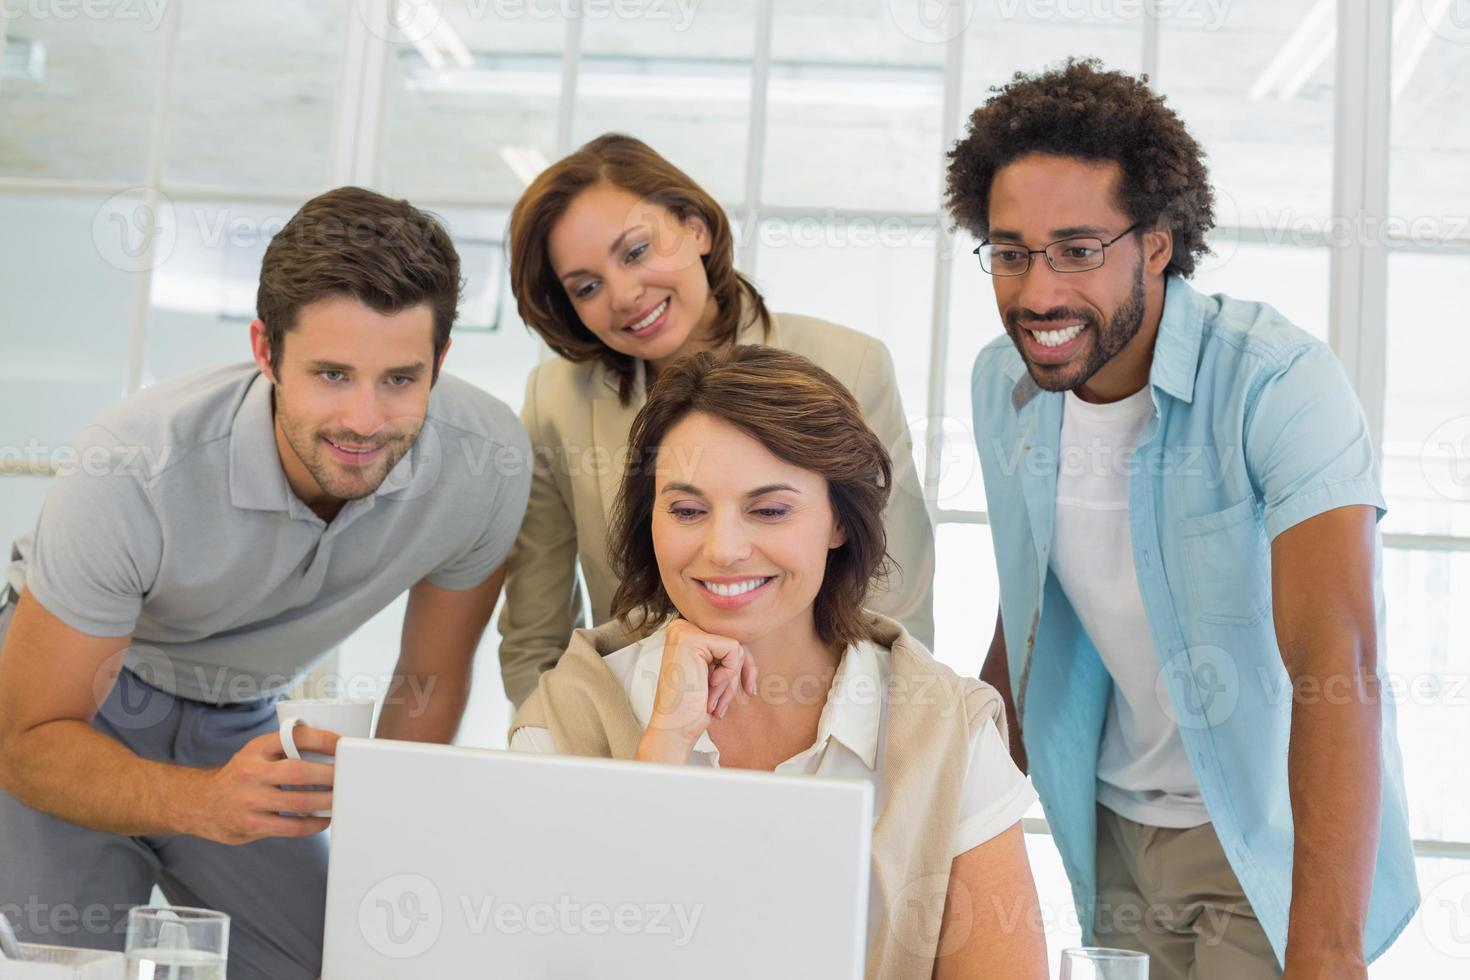 mensen uit het bedrijfsleven met behulp van laptop samen op kantoor foto